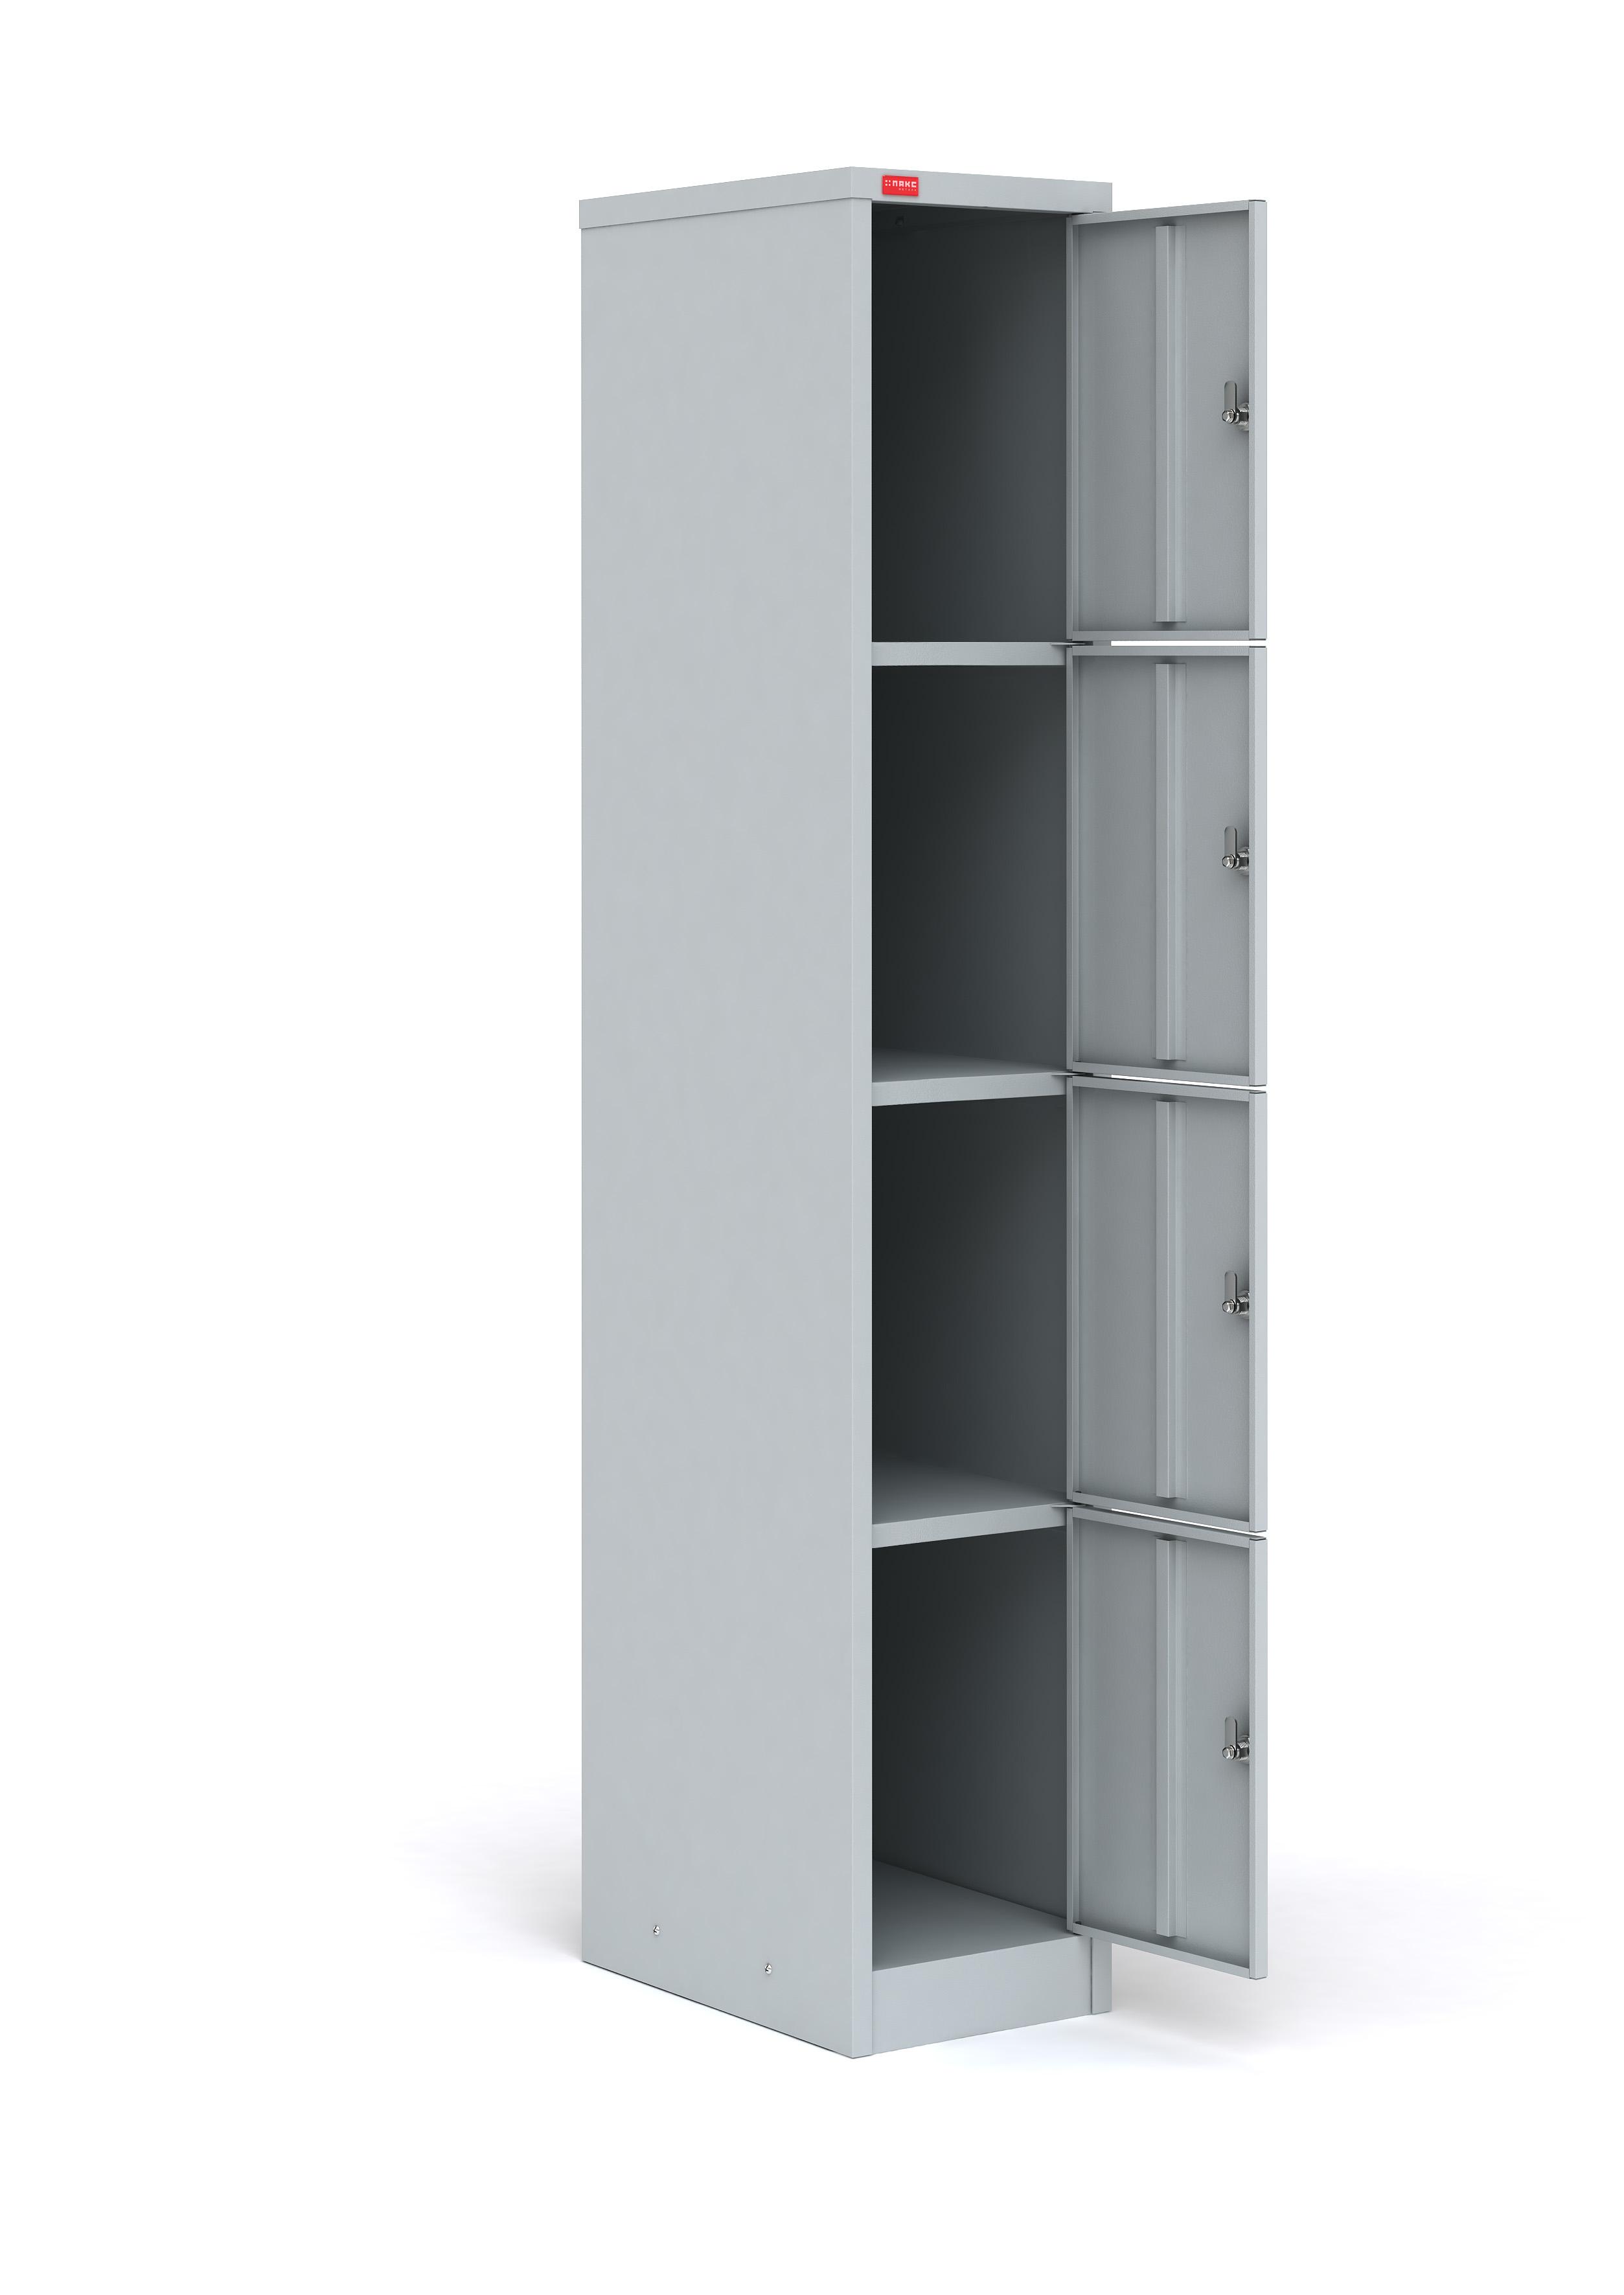 Картинки по запросу шкаф шрм-14